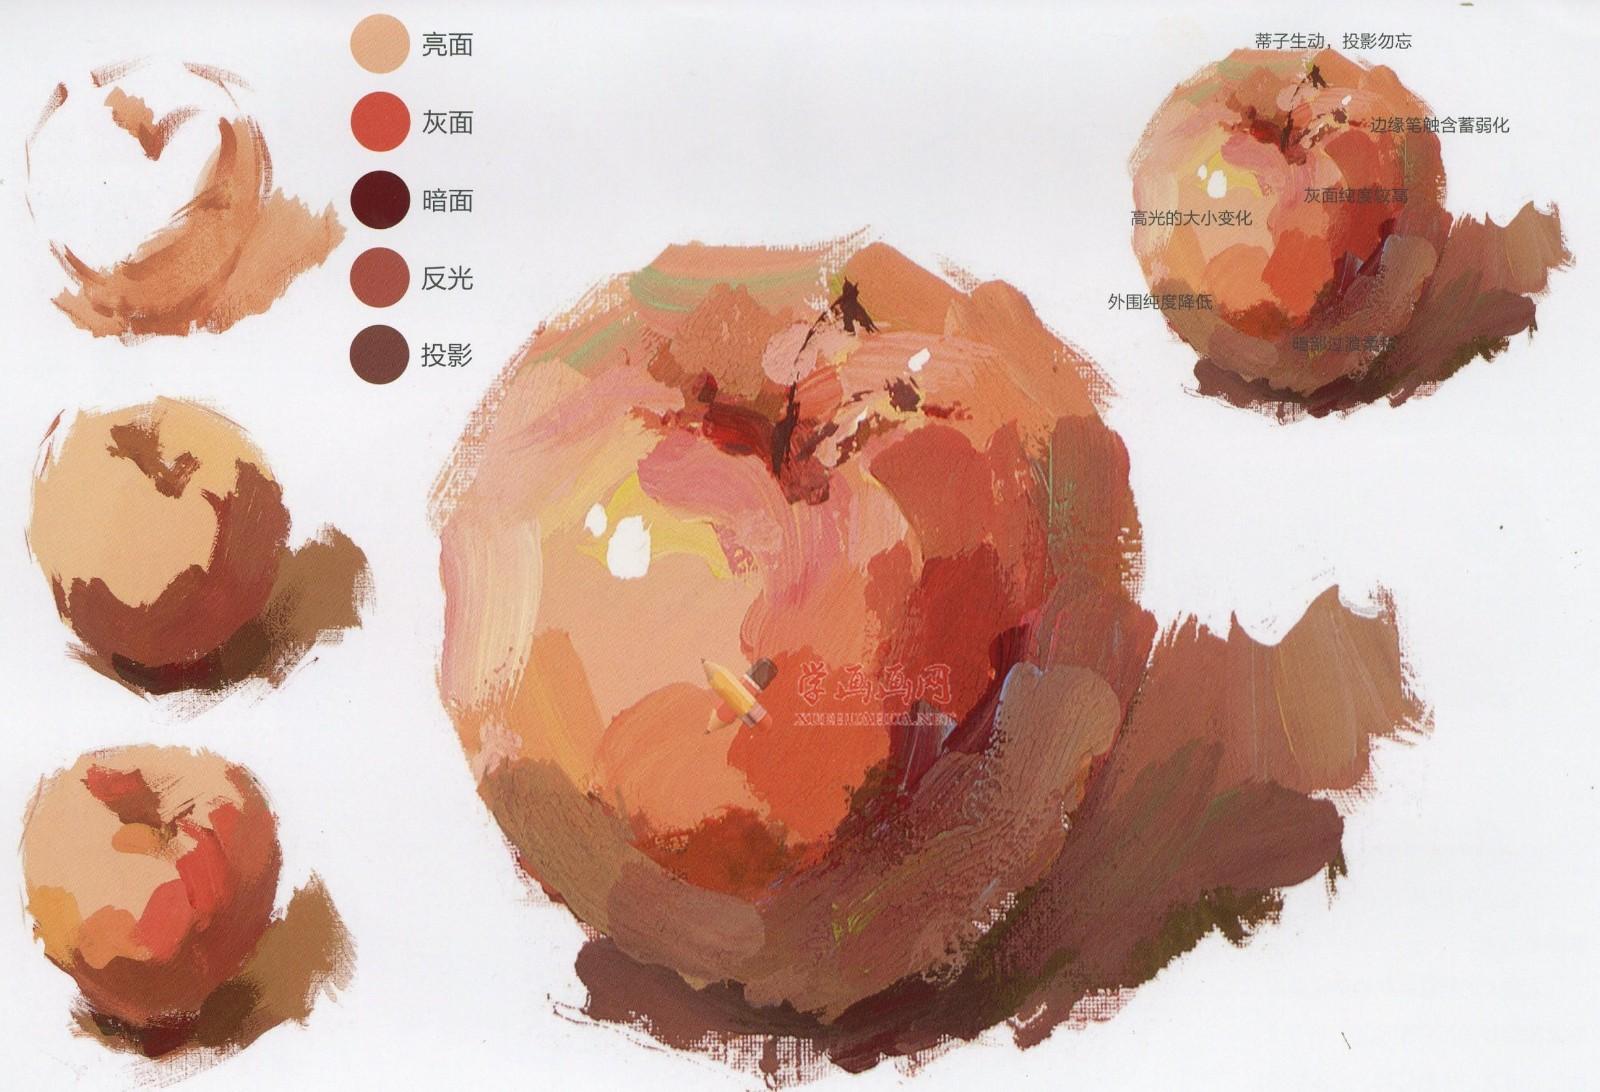 水粉画单体静物:苹果的画法图解及临摹高清范画图片(9)